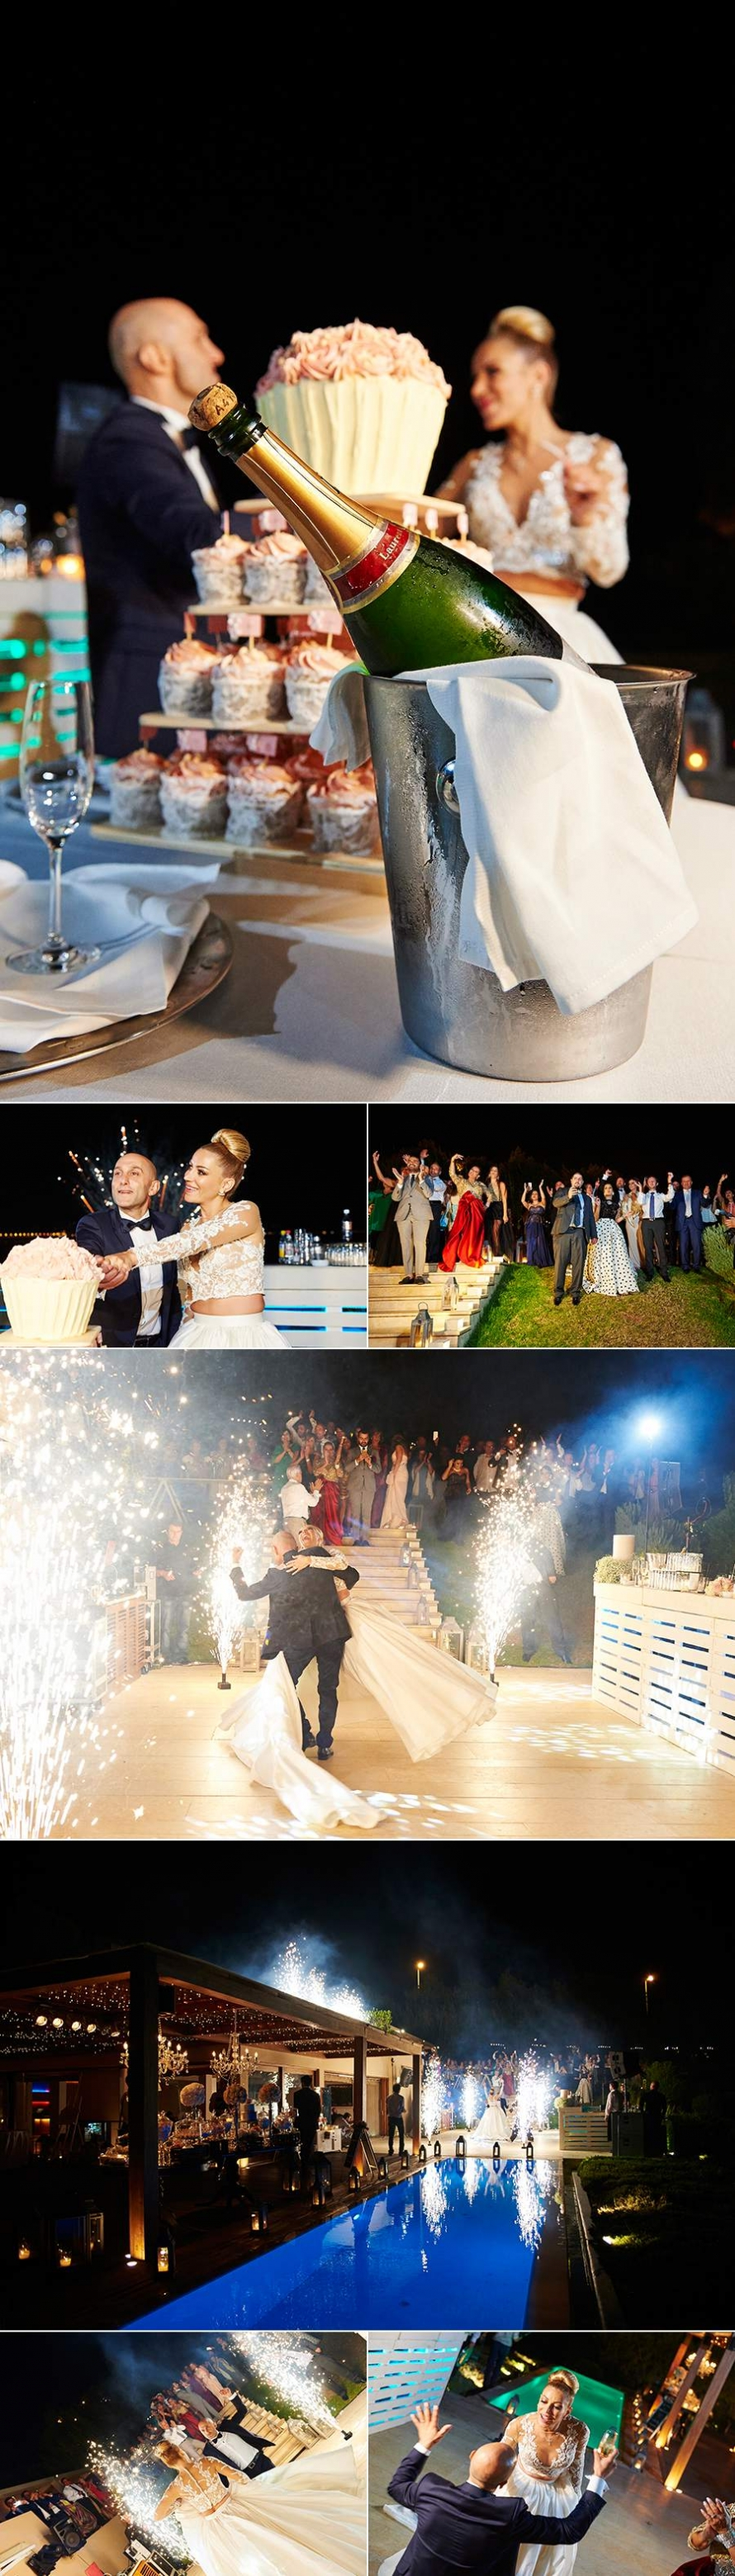 Fady Rana wedding photo 19